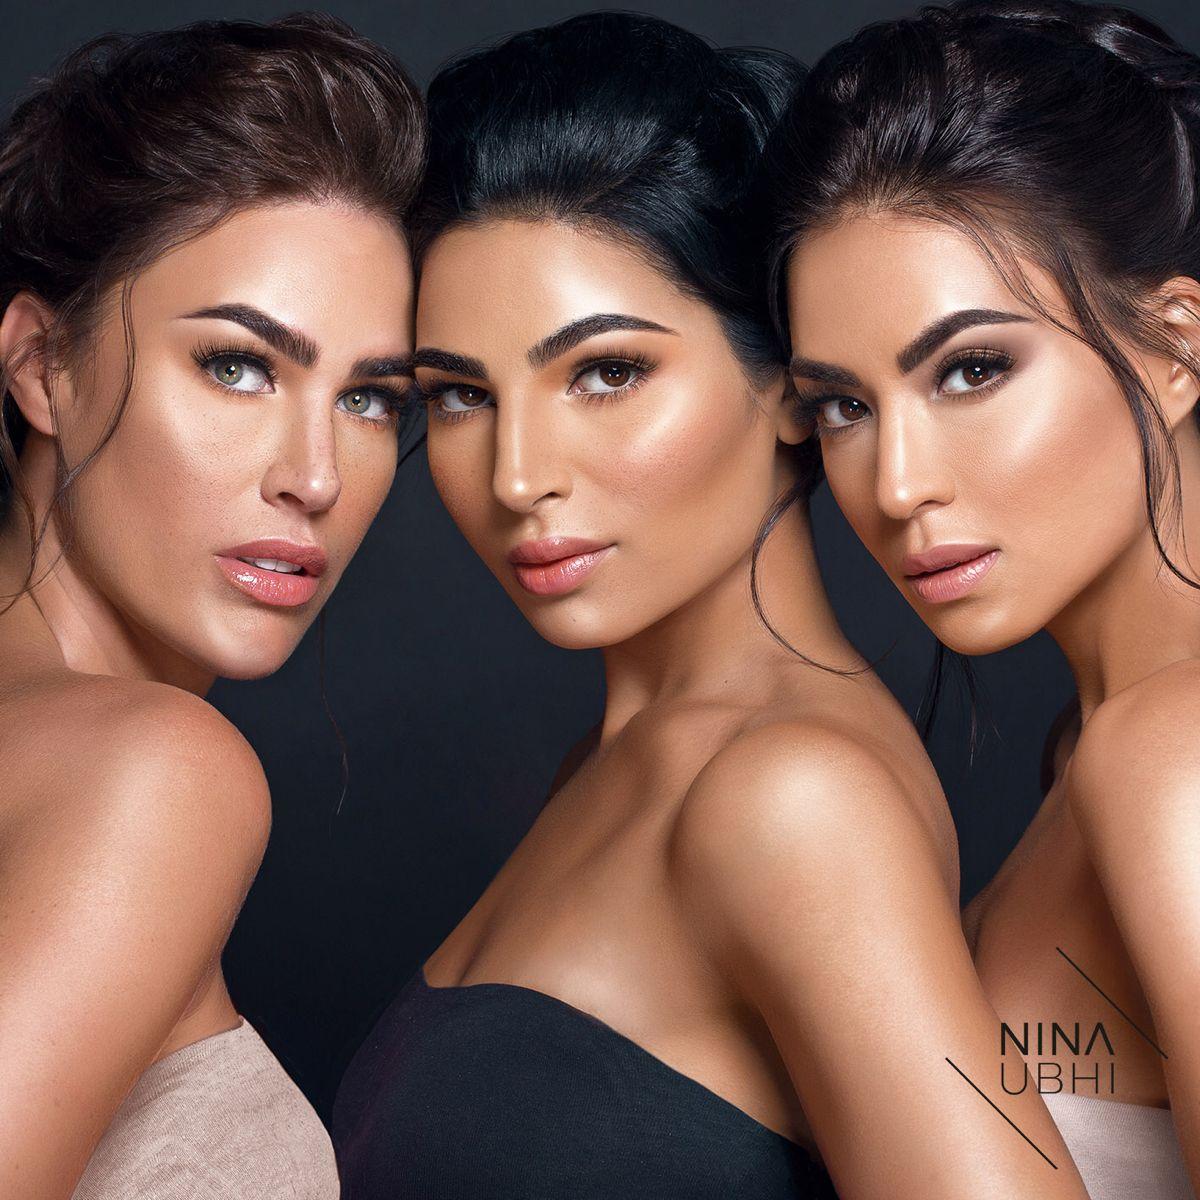 Nina Ubhi lashes in 2020 Beauty shots, Beauty shoot, Beauty